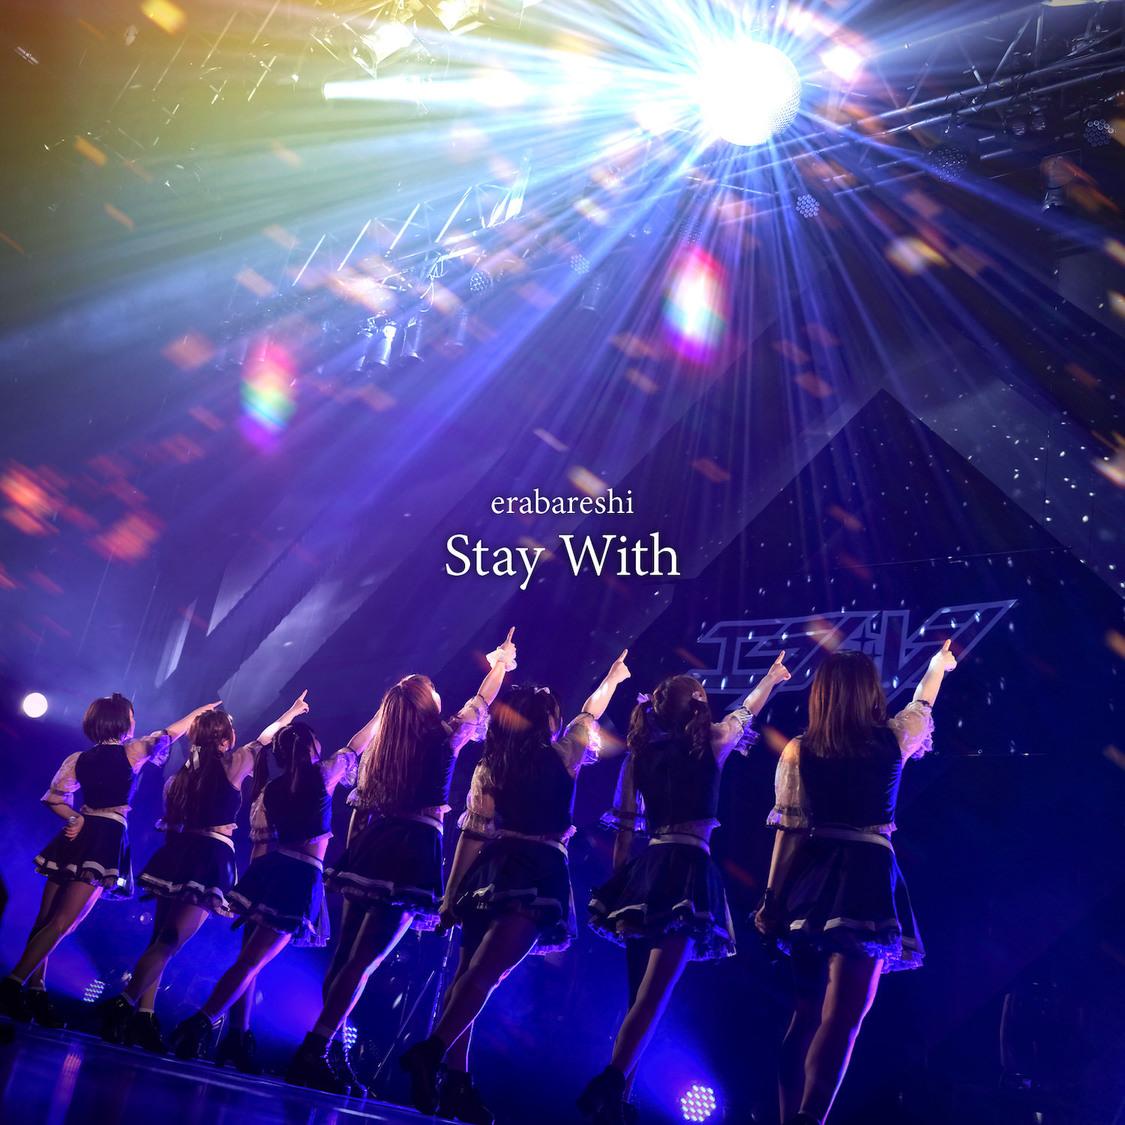 エラバレシ、「Stay With」ジャケット写真公開!